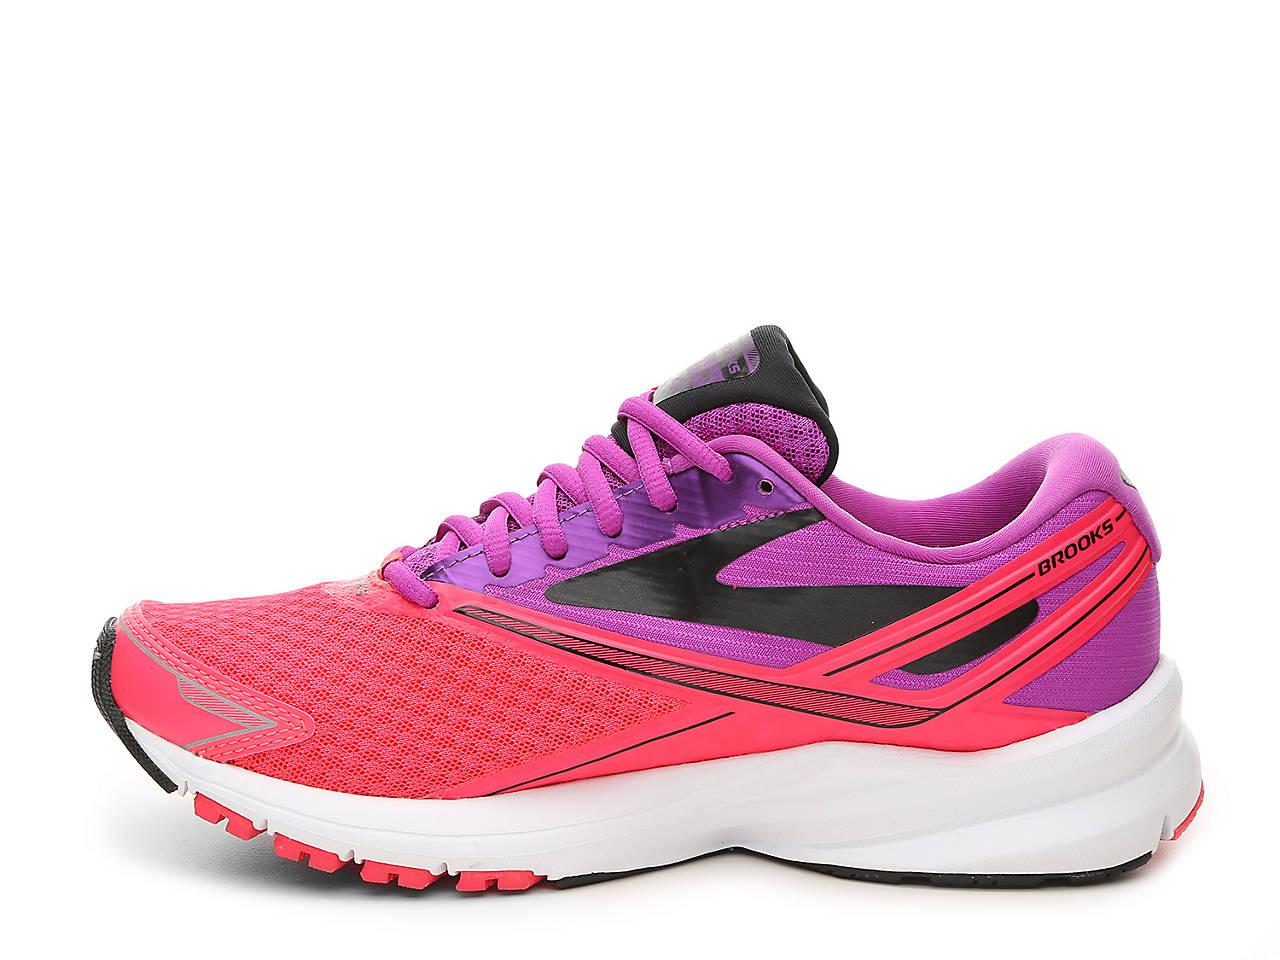 premium selection d5bd3 b1917 Launch 4 Lightweight Running Shoe - Women's